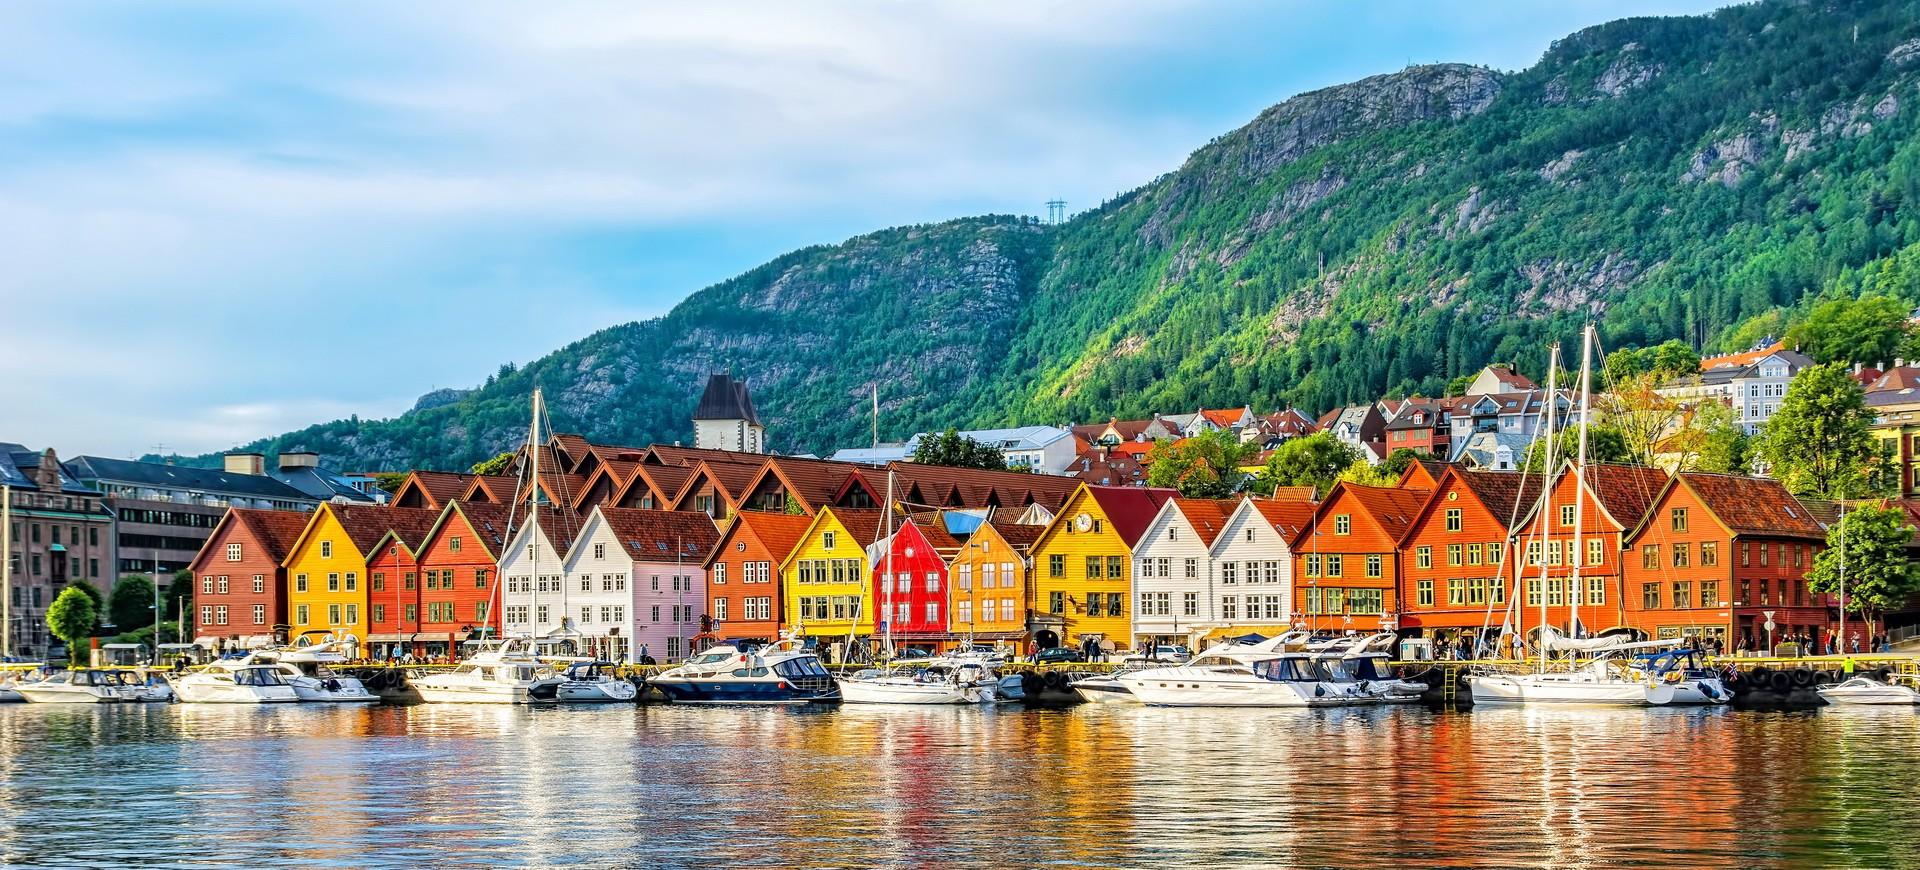 Hanseatic front de mer à Bergen en Norvège